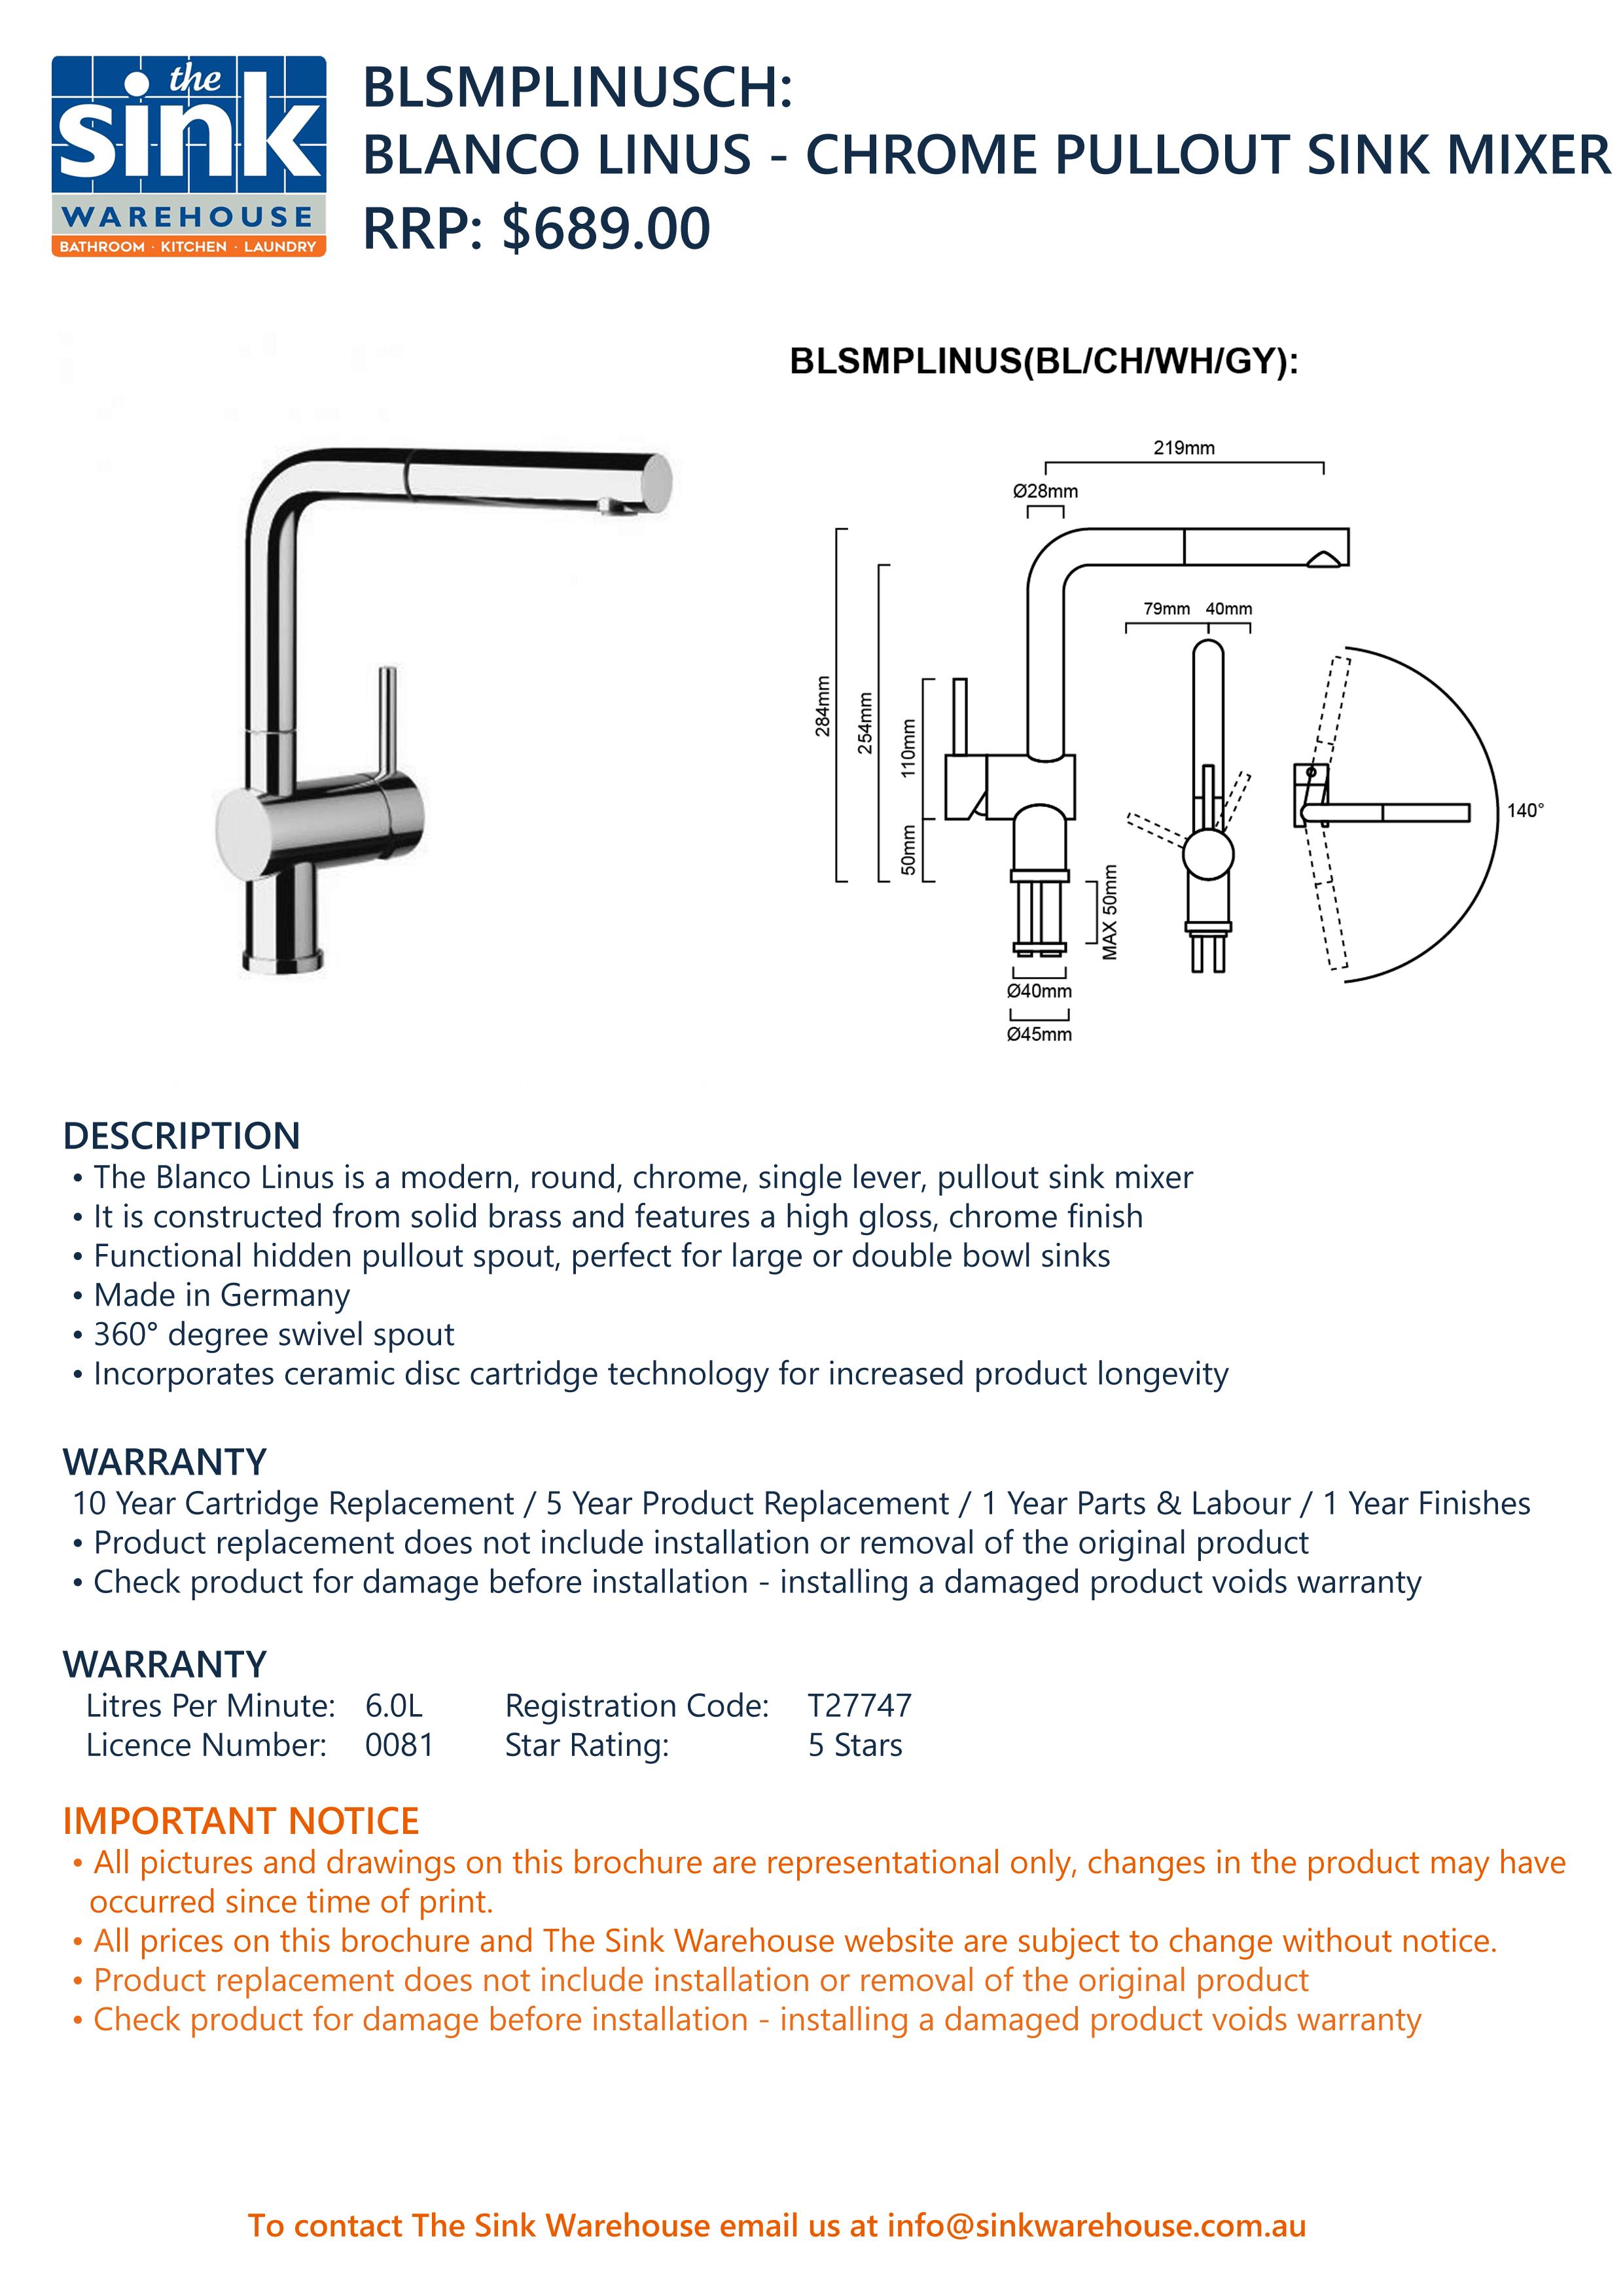 blsmplinusch-product-spec-sheet.png